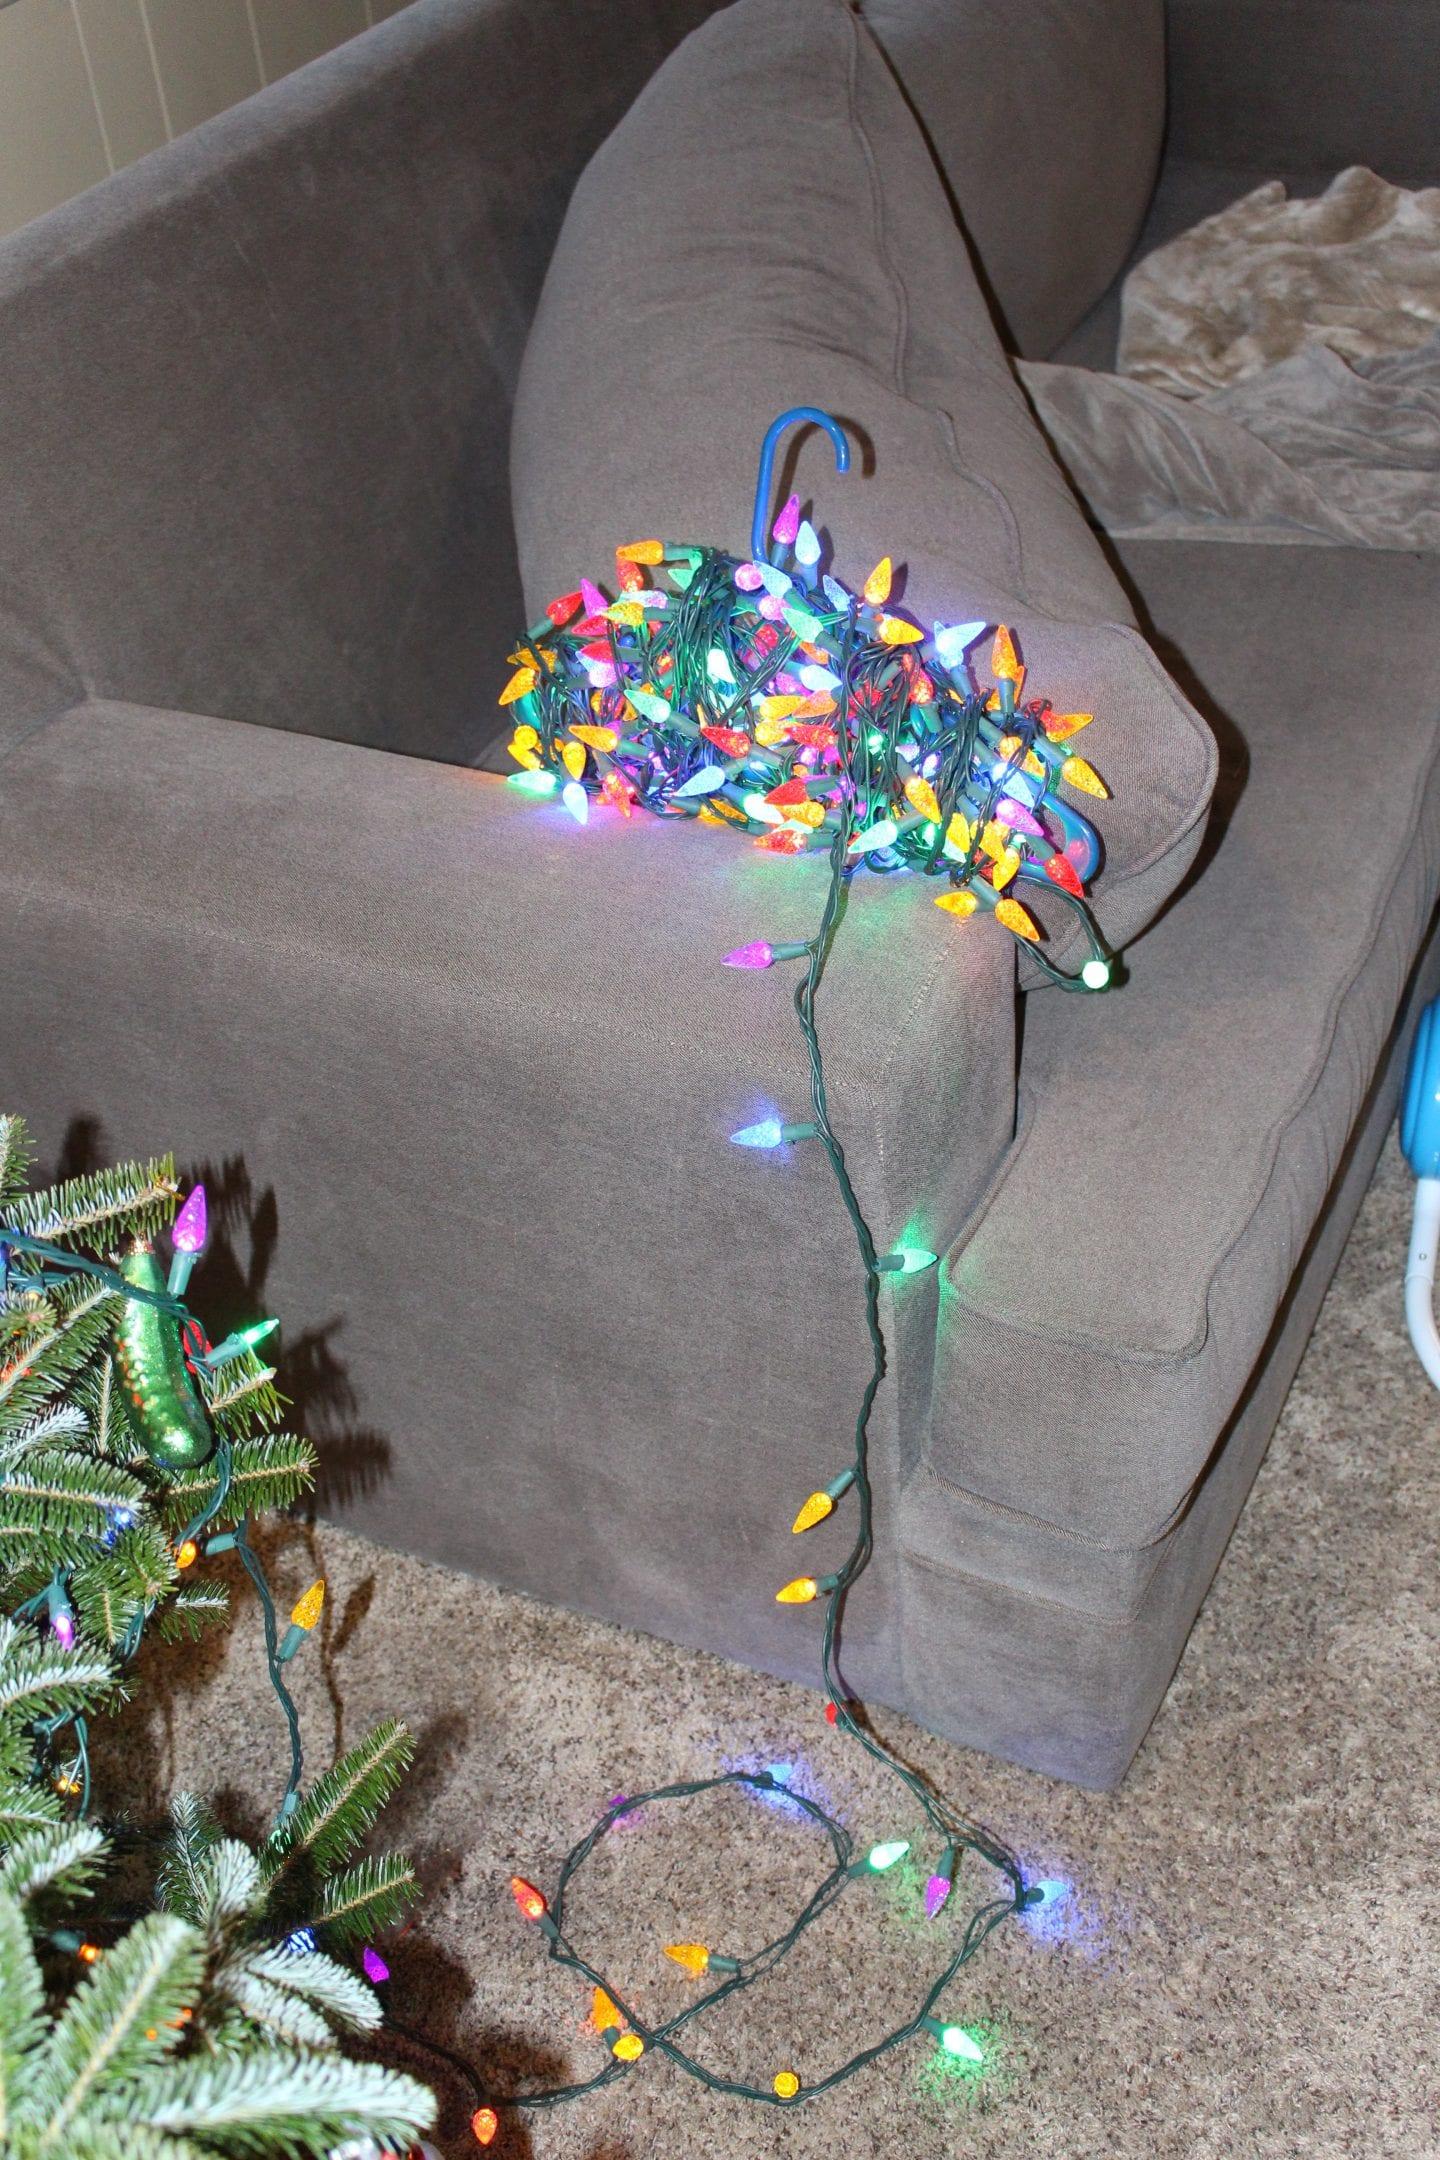 Busy Mom's Christmas Hacks